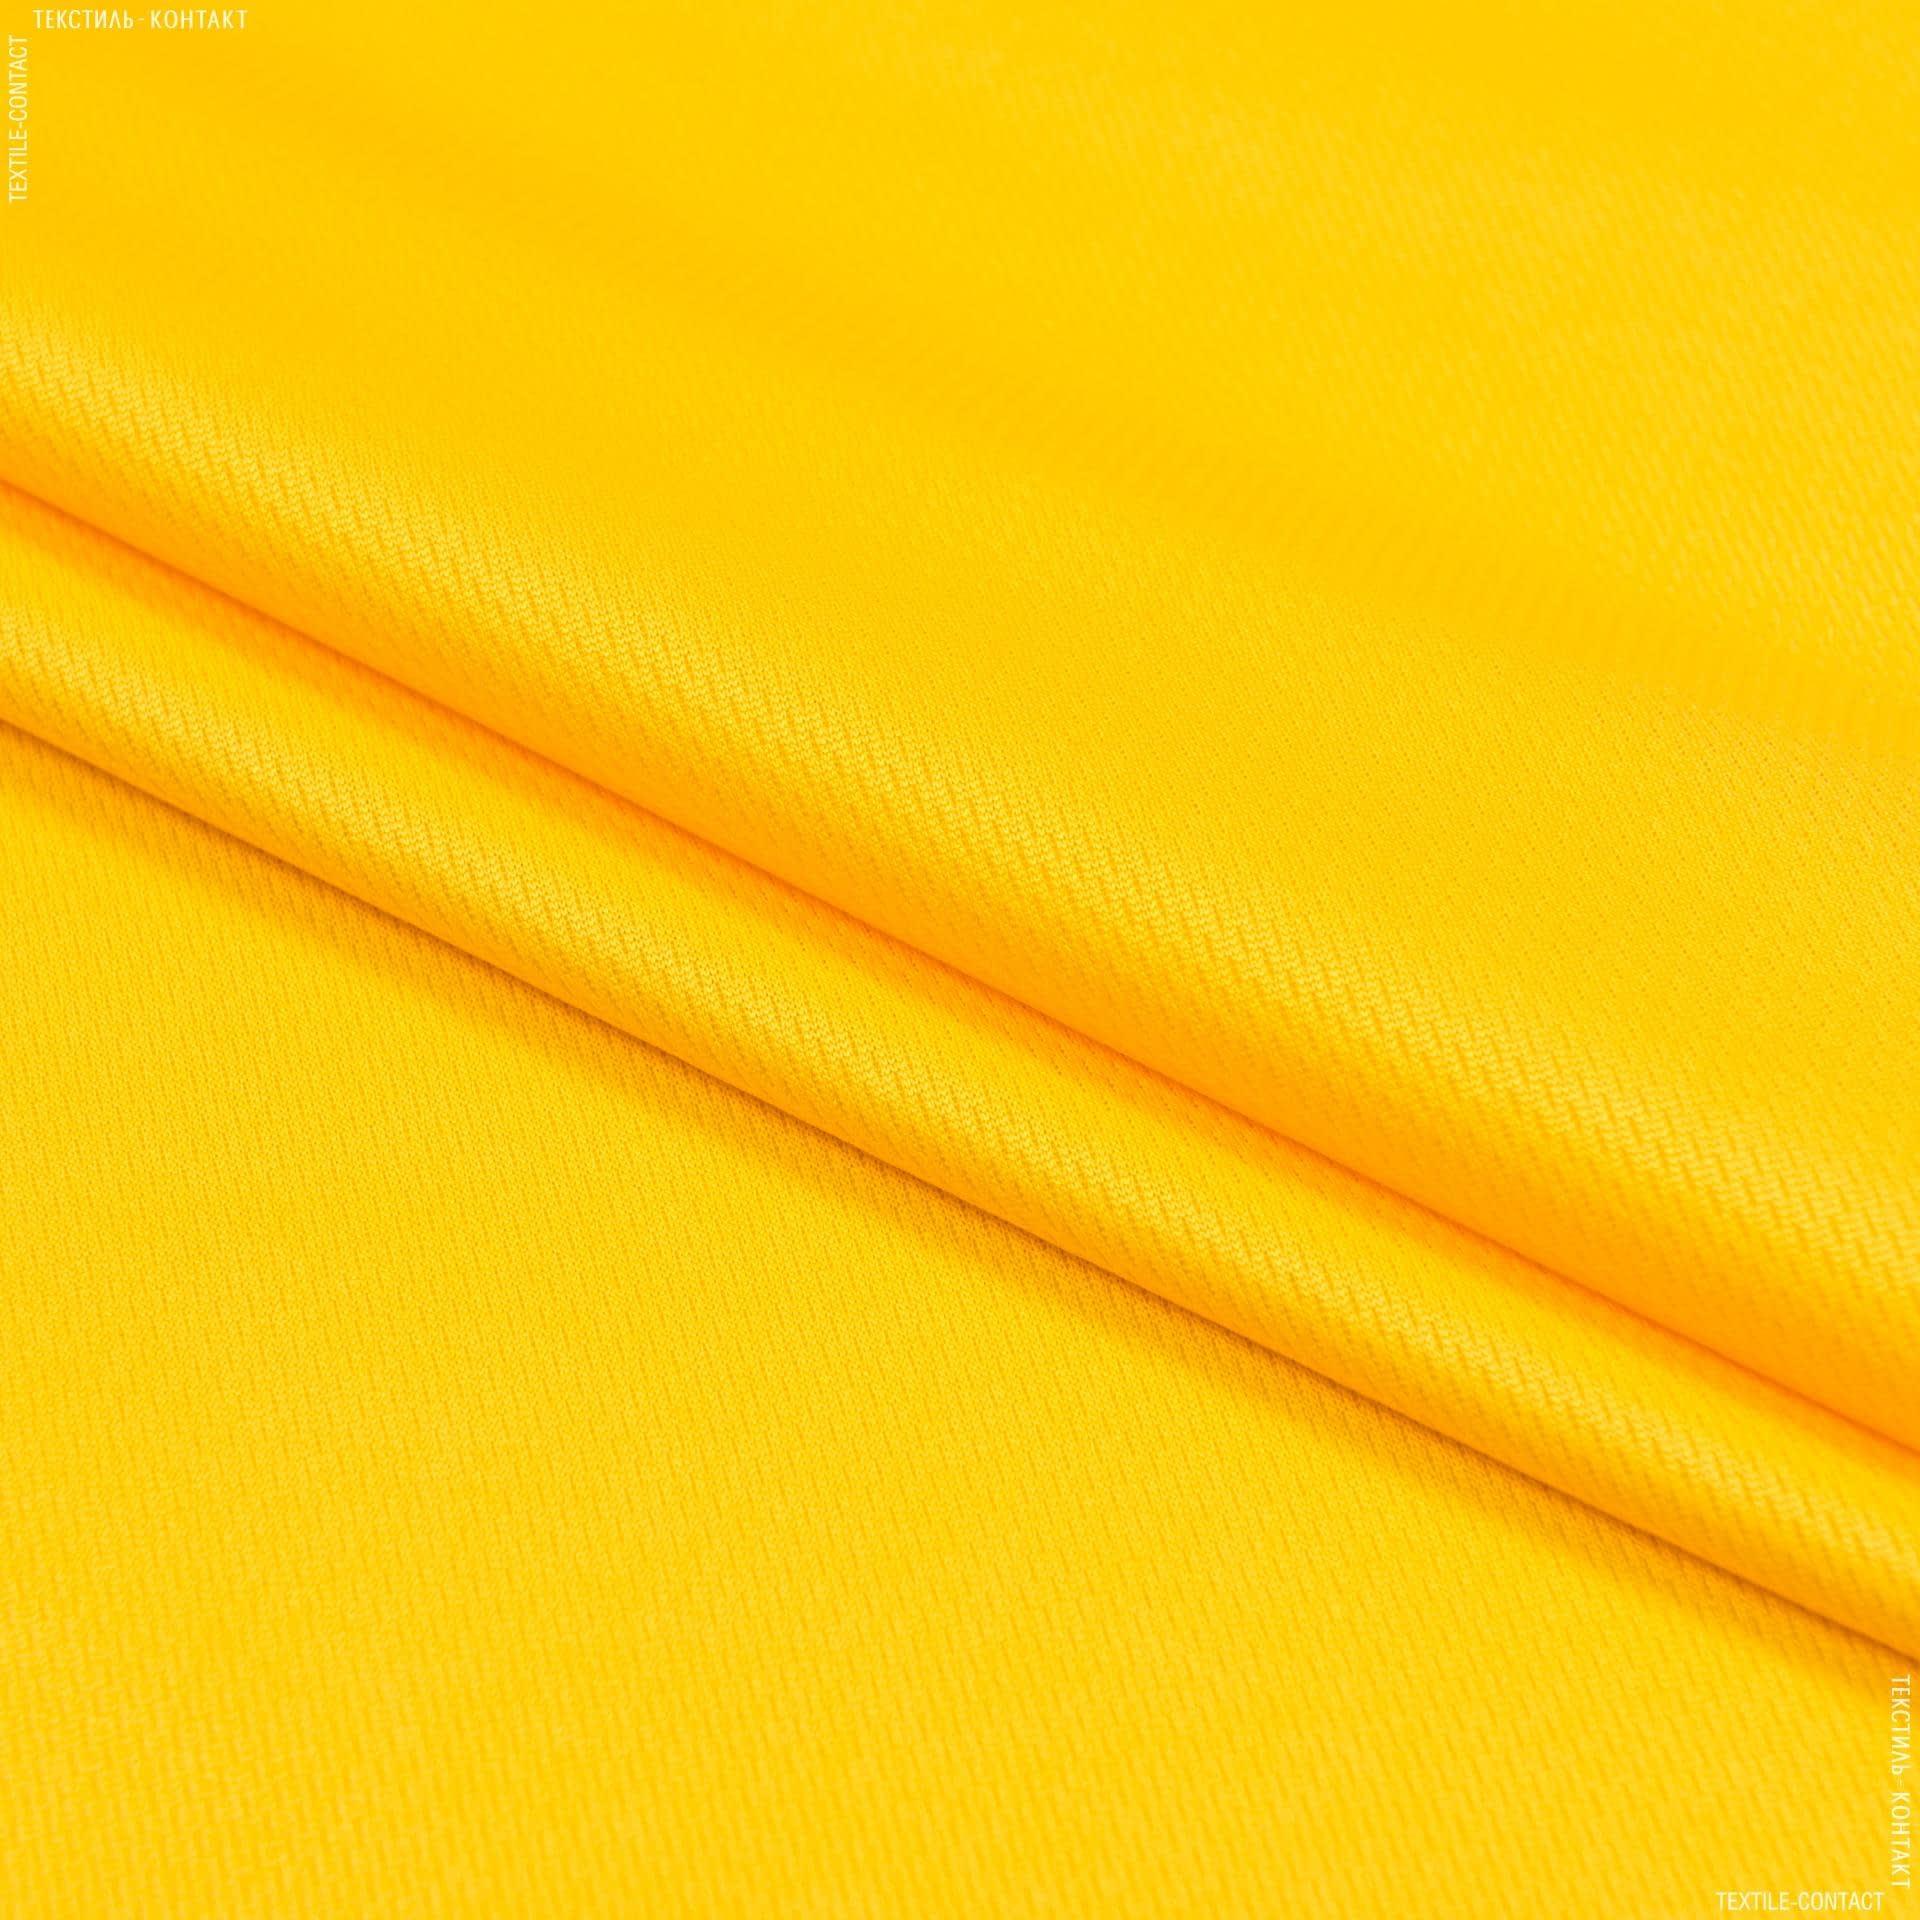 Ткани для спортивной одежды - Микро лакоста желтый